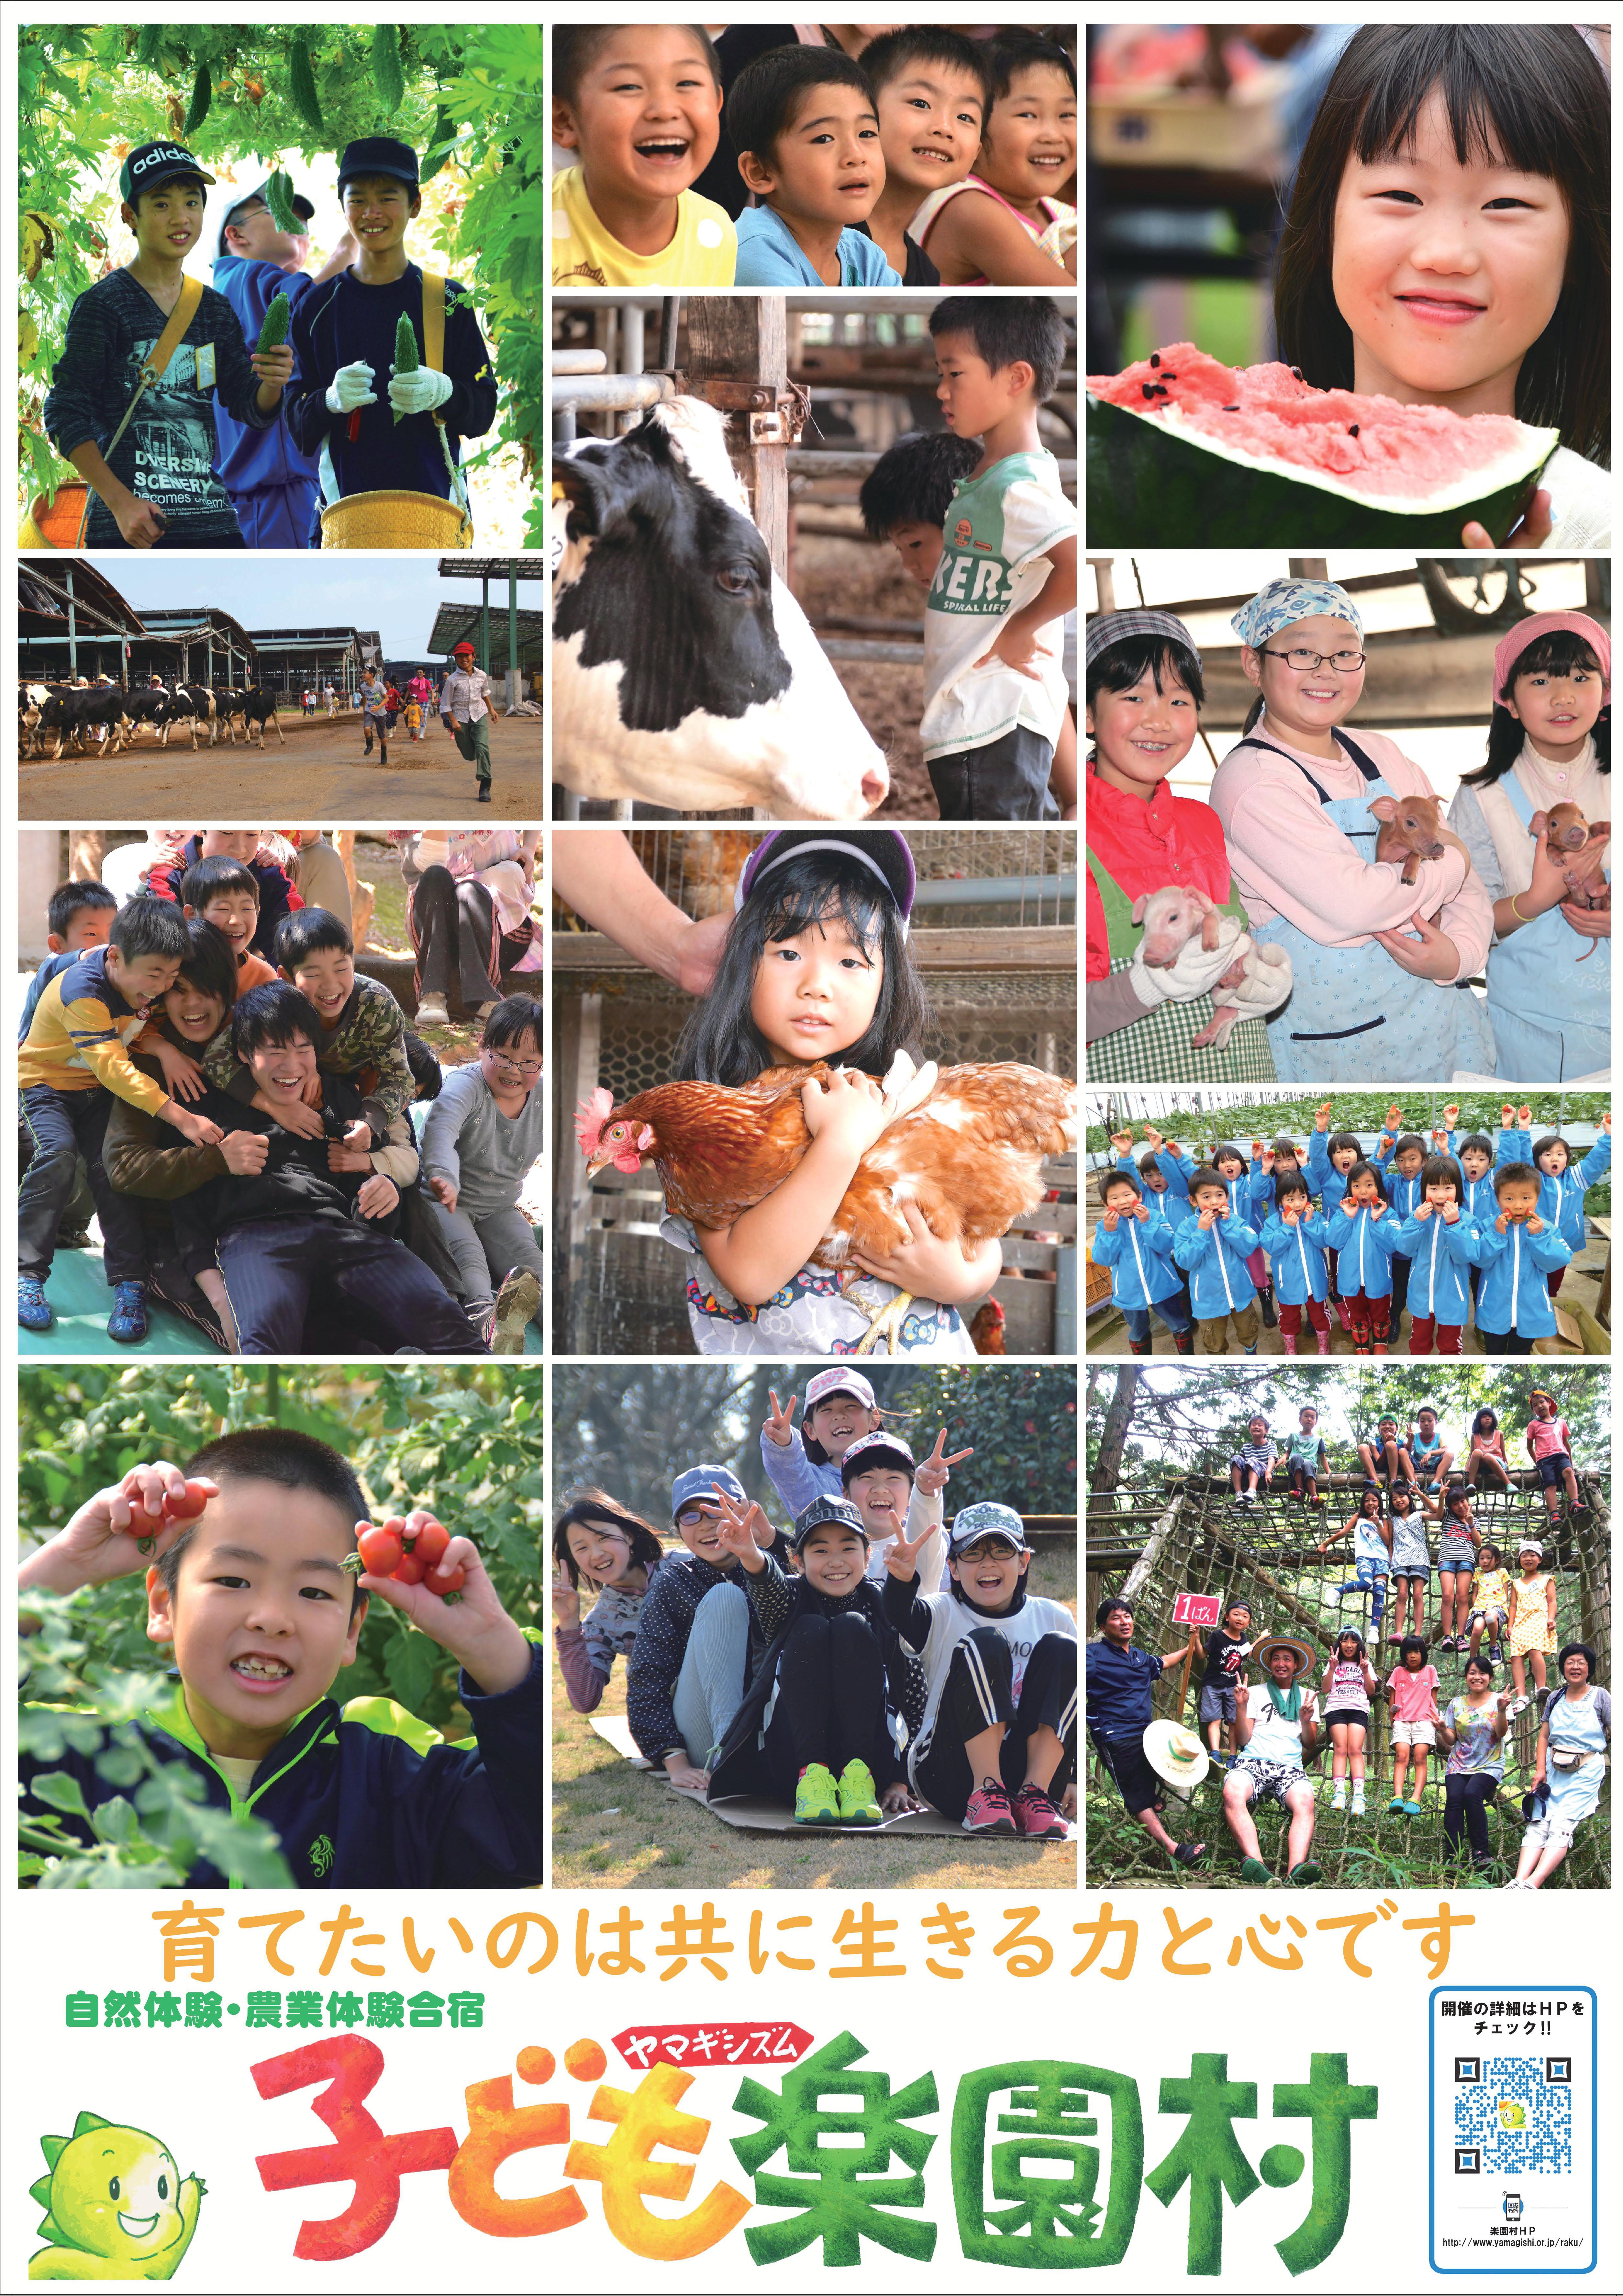 2019年 春の子ども楽園村 開催要項